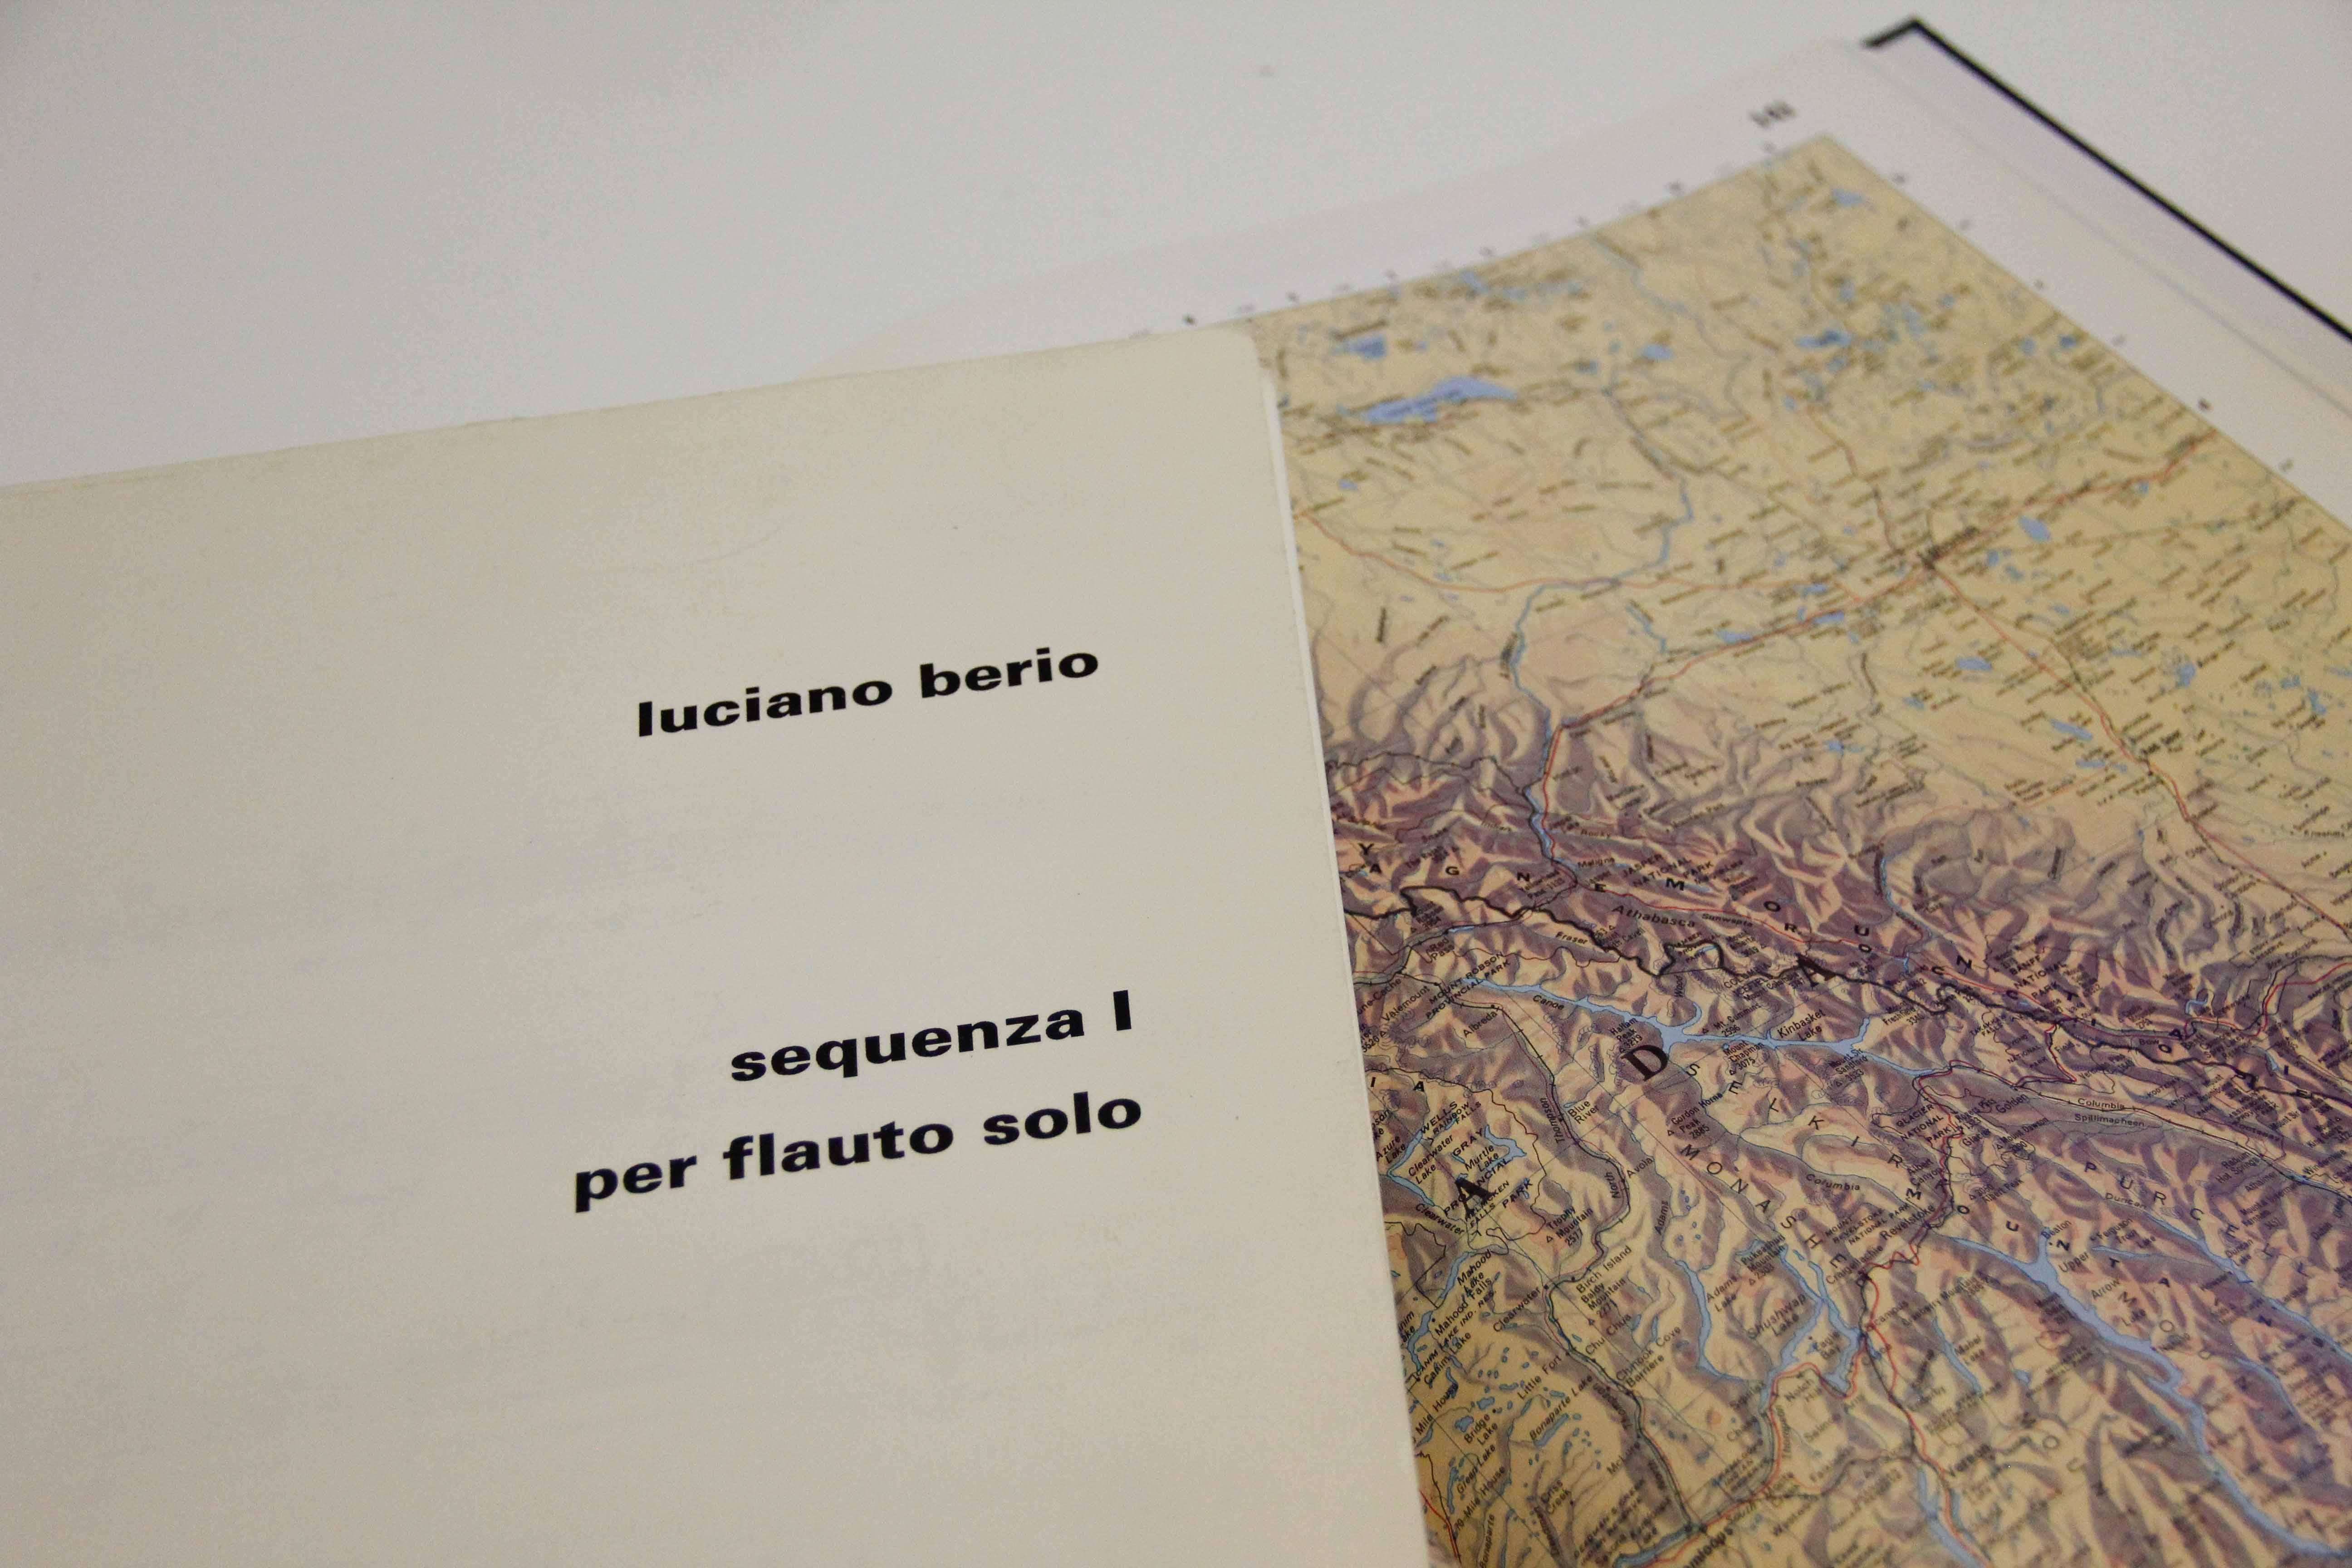 Luciano Berio - Sequenza I